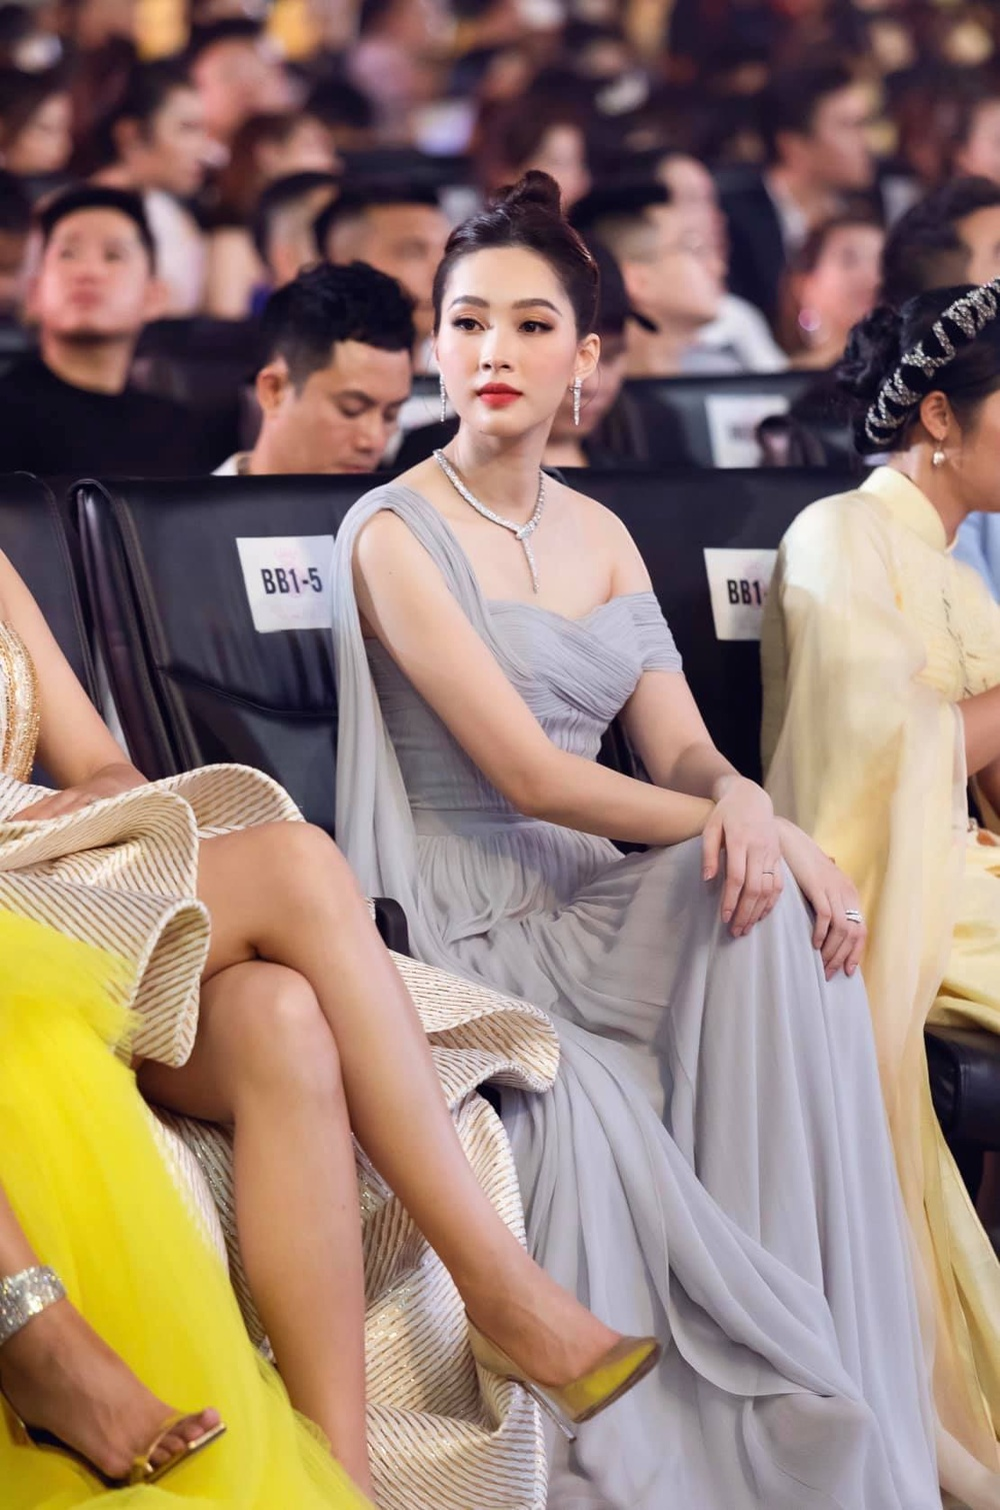 Xứng danh thần tiên tỷ tỷ, Đặng Thu Thảo đẹp rạng ngời trong kiểu váy trễ vai Ảnh 7